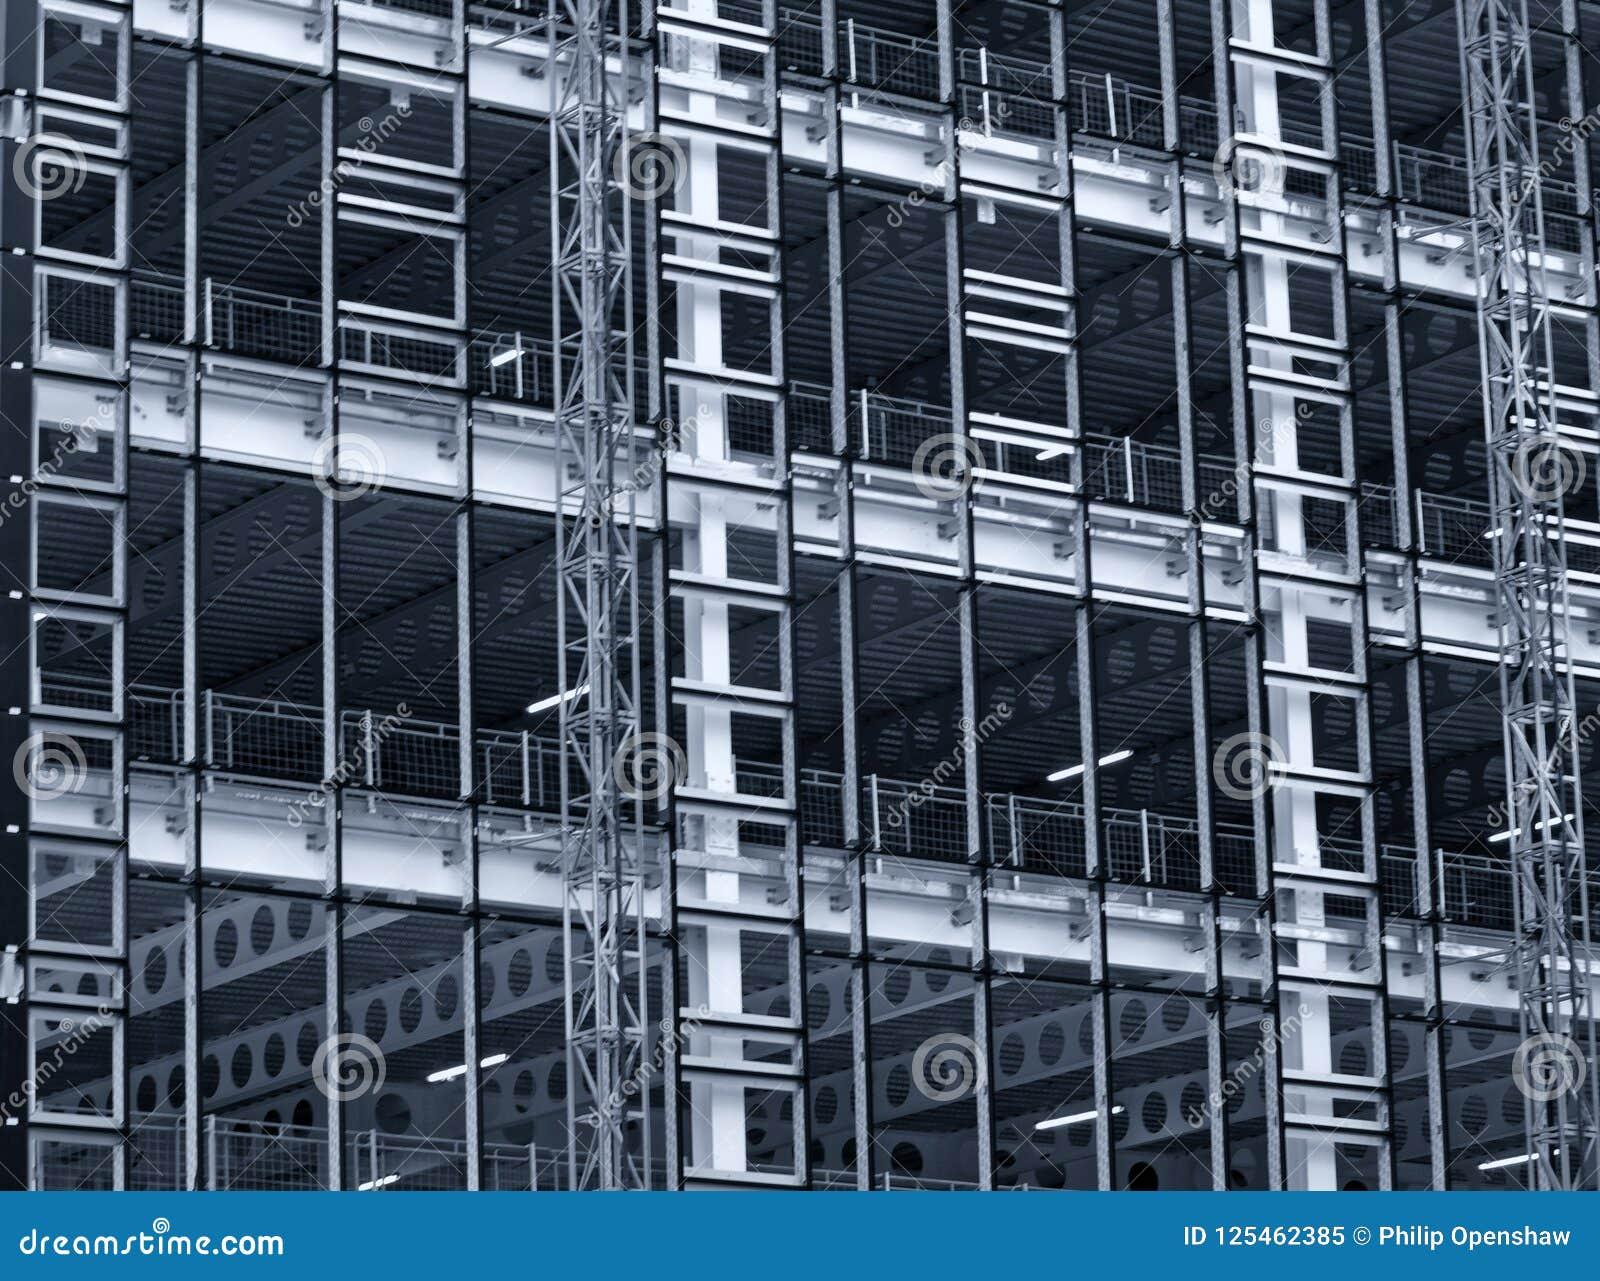 Einfarbige blaue abgetönte Ansicht einer großen errichtenden Entwicklung im Bau mit Stahlgerüst und Trägern